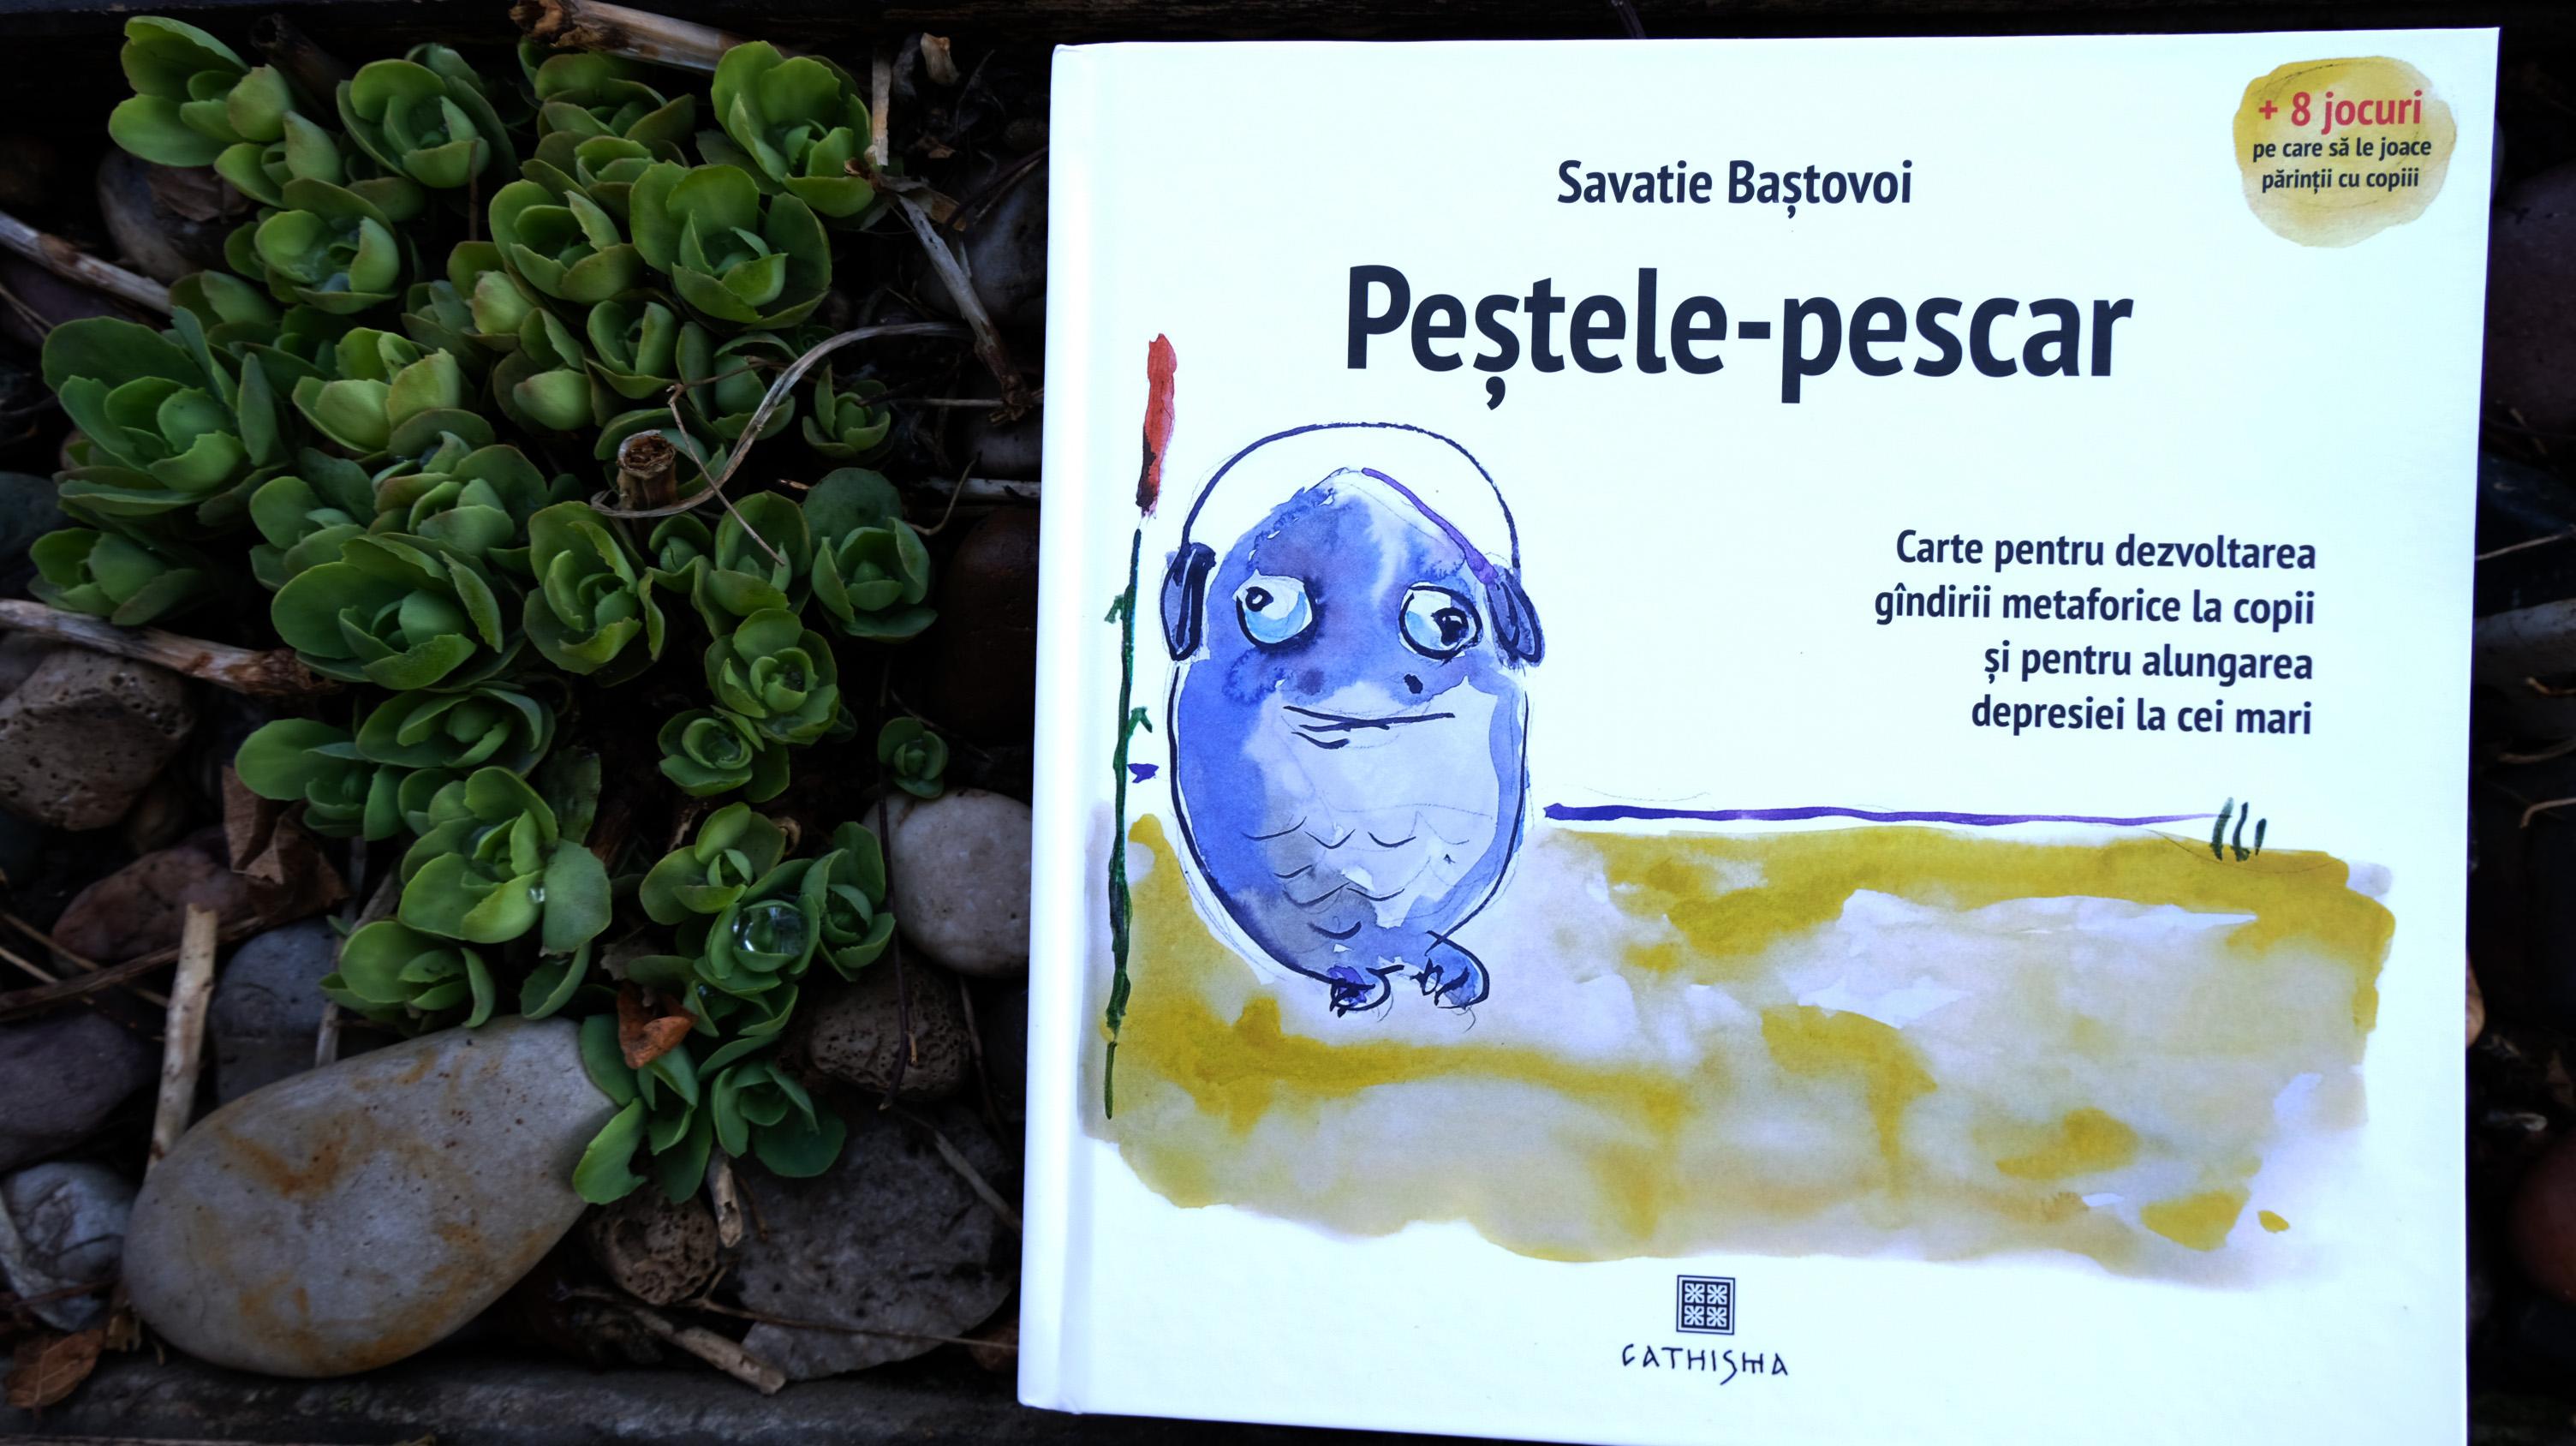 O nouă apariție editorială semnată Savatie Baștovoi, de data aceasta o carte ilustrată: Peștele-pescar